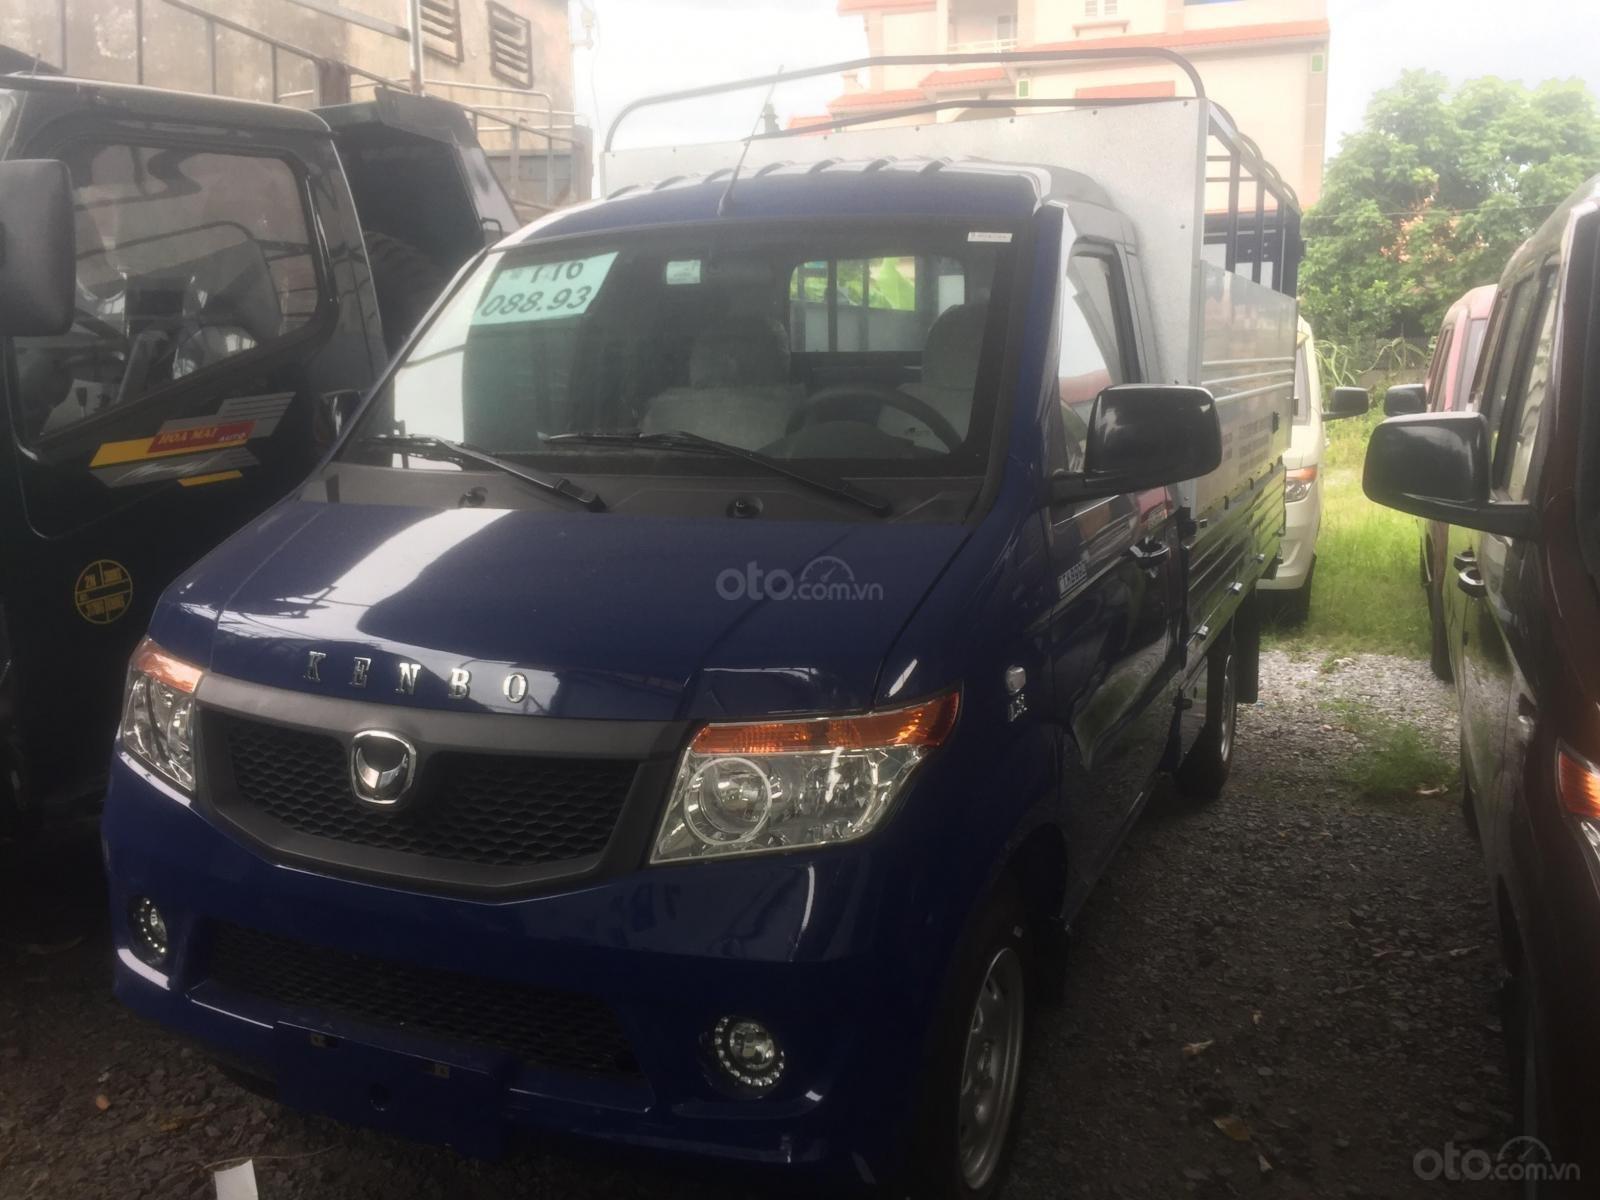 0984 983 915- bán xe tải Kenbo 990kg tại Hưng Yên giá 178 triệu (1)